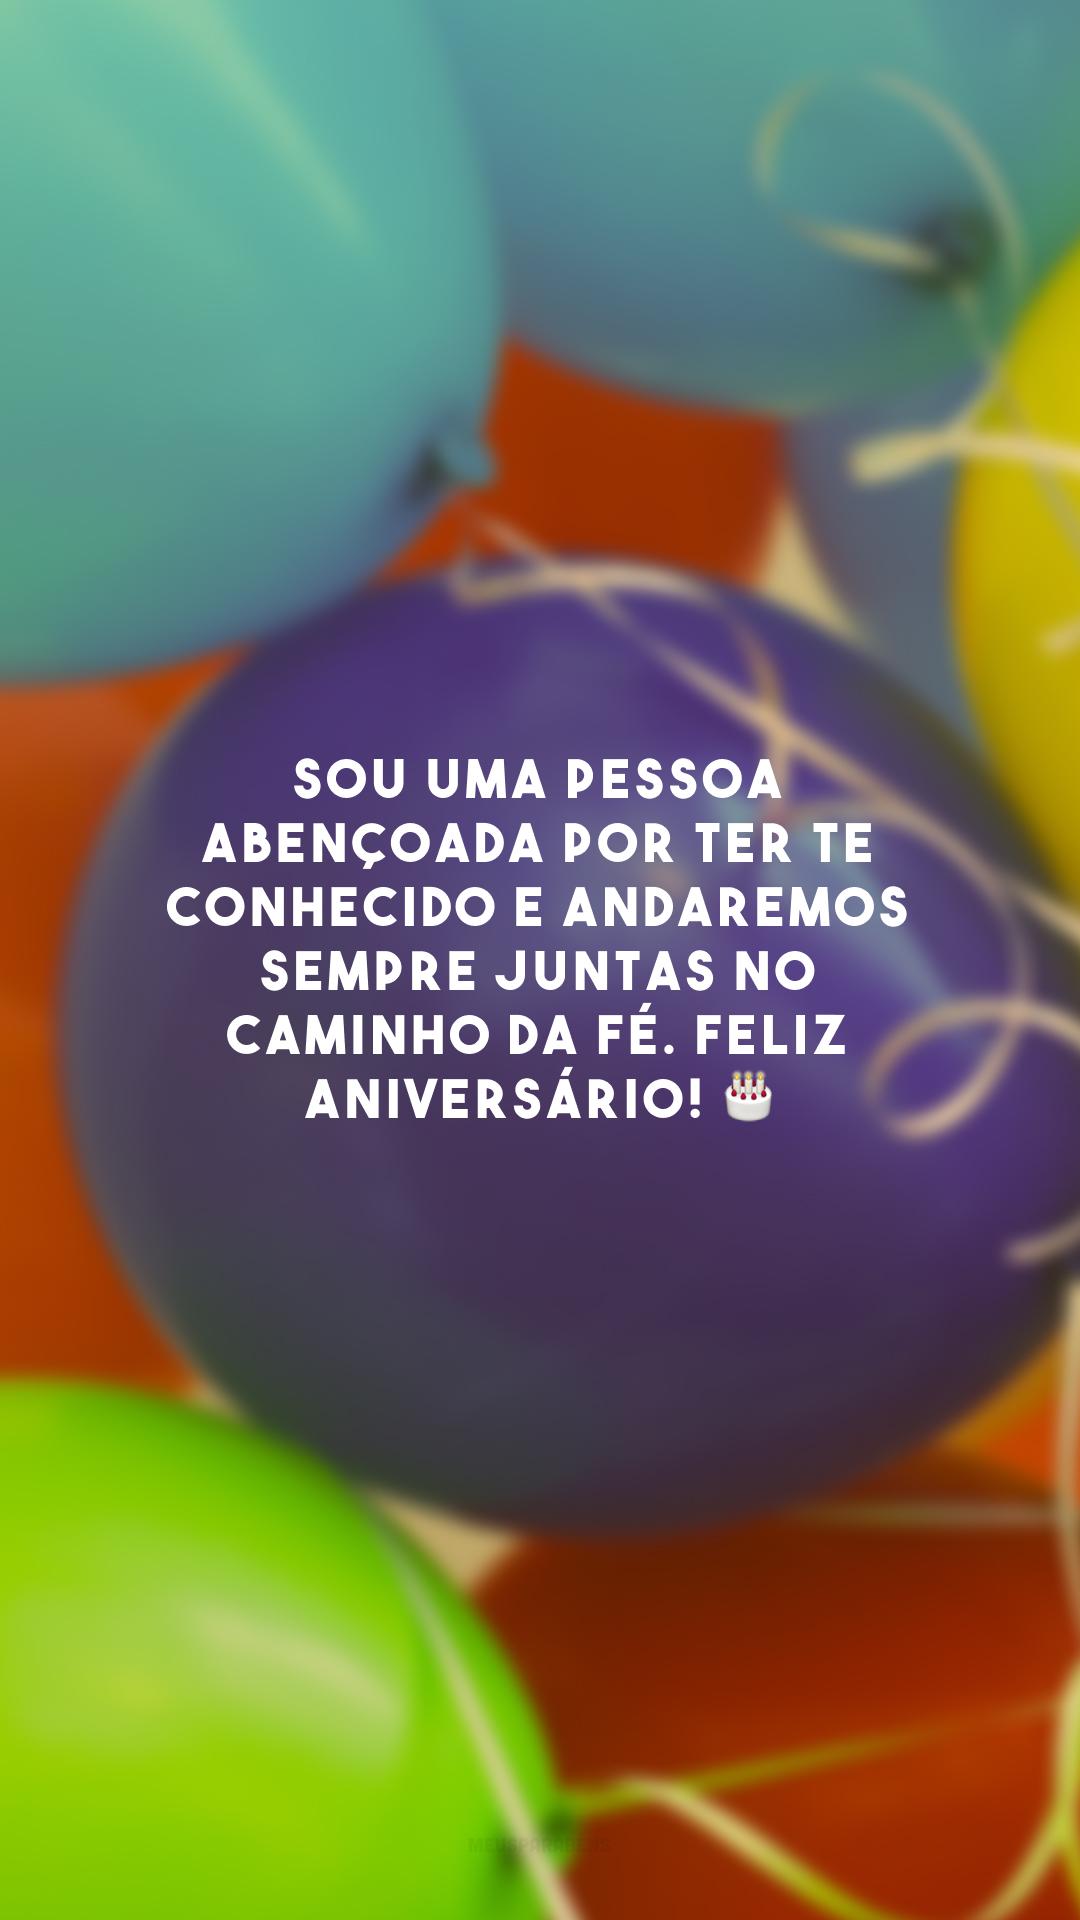 Sou uma pessoa abençoada por ter te conhecido e andaremos sempre juntas no caminho da fé. Feliz aniversário! 🎂